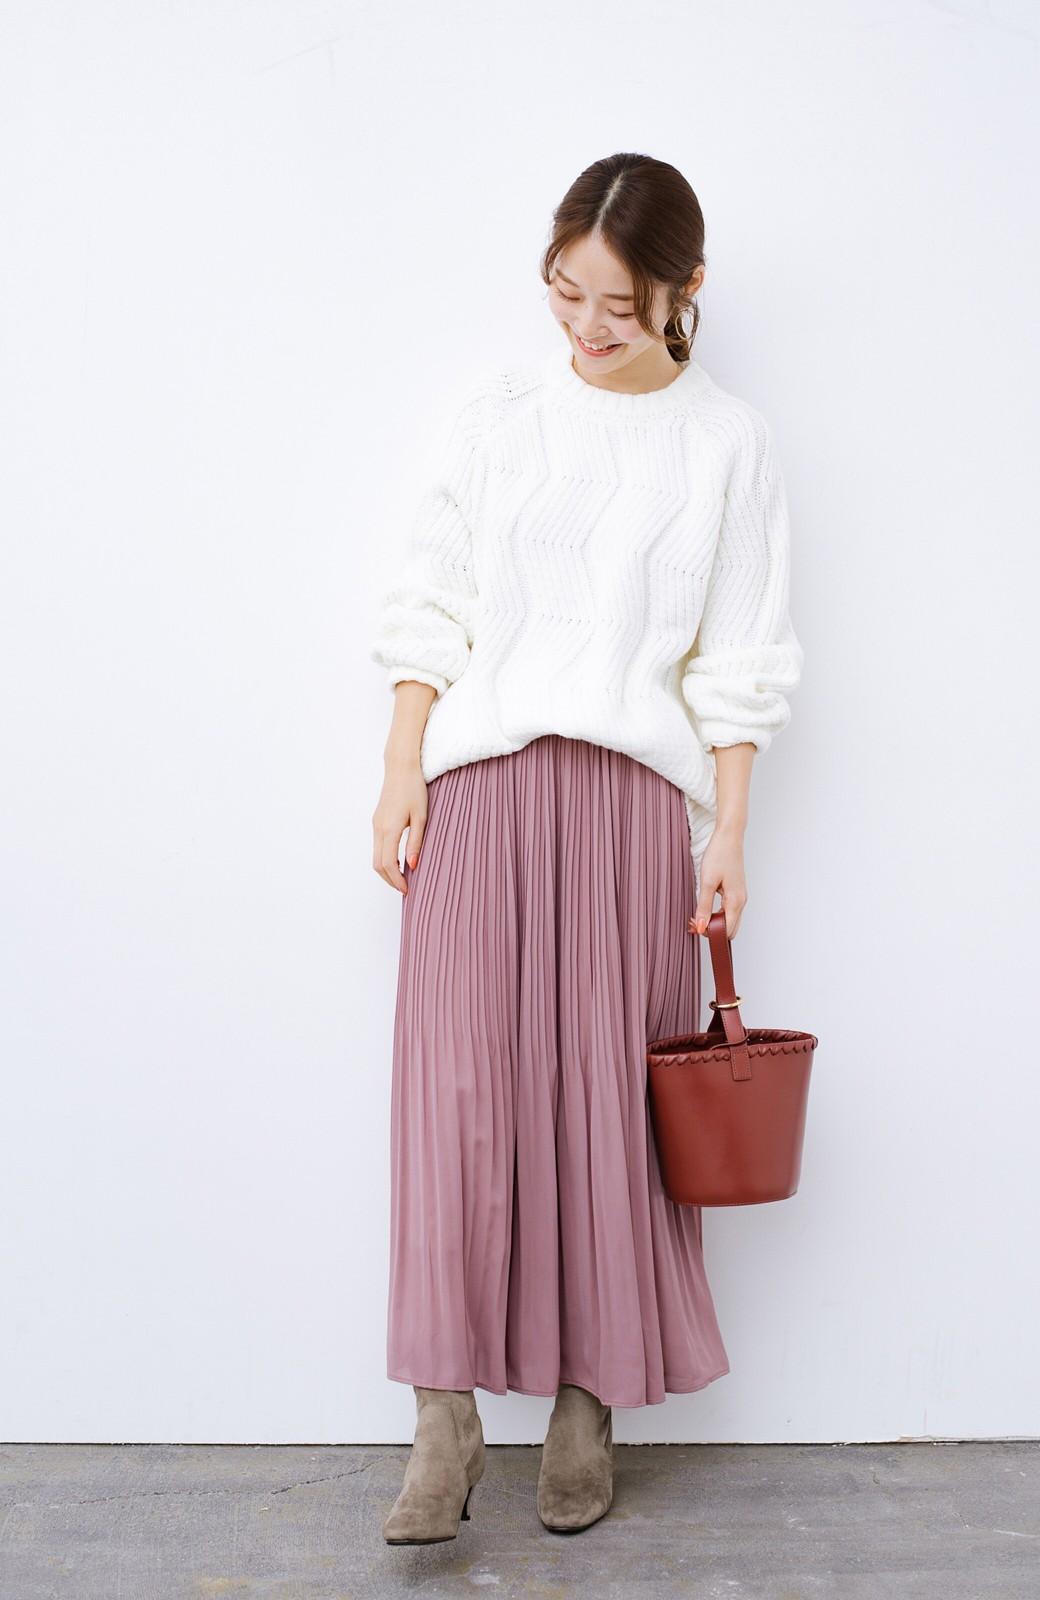 haco! デニムにもスカートにも似合う!すぽっと履けてスタイルアップが叶う女っぽフェイクスエードブーツ <ブラウン>の商品写真10